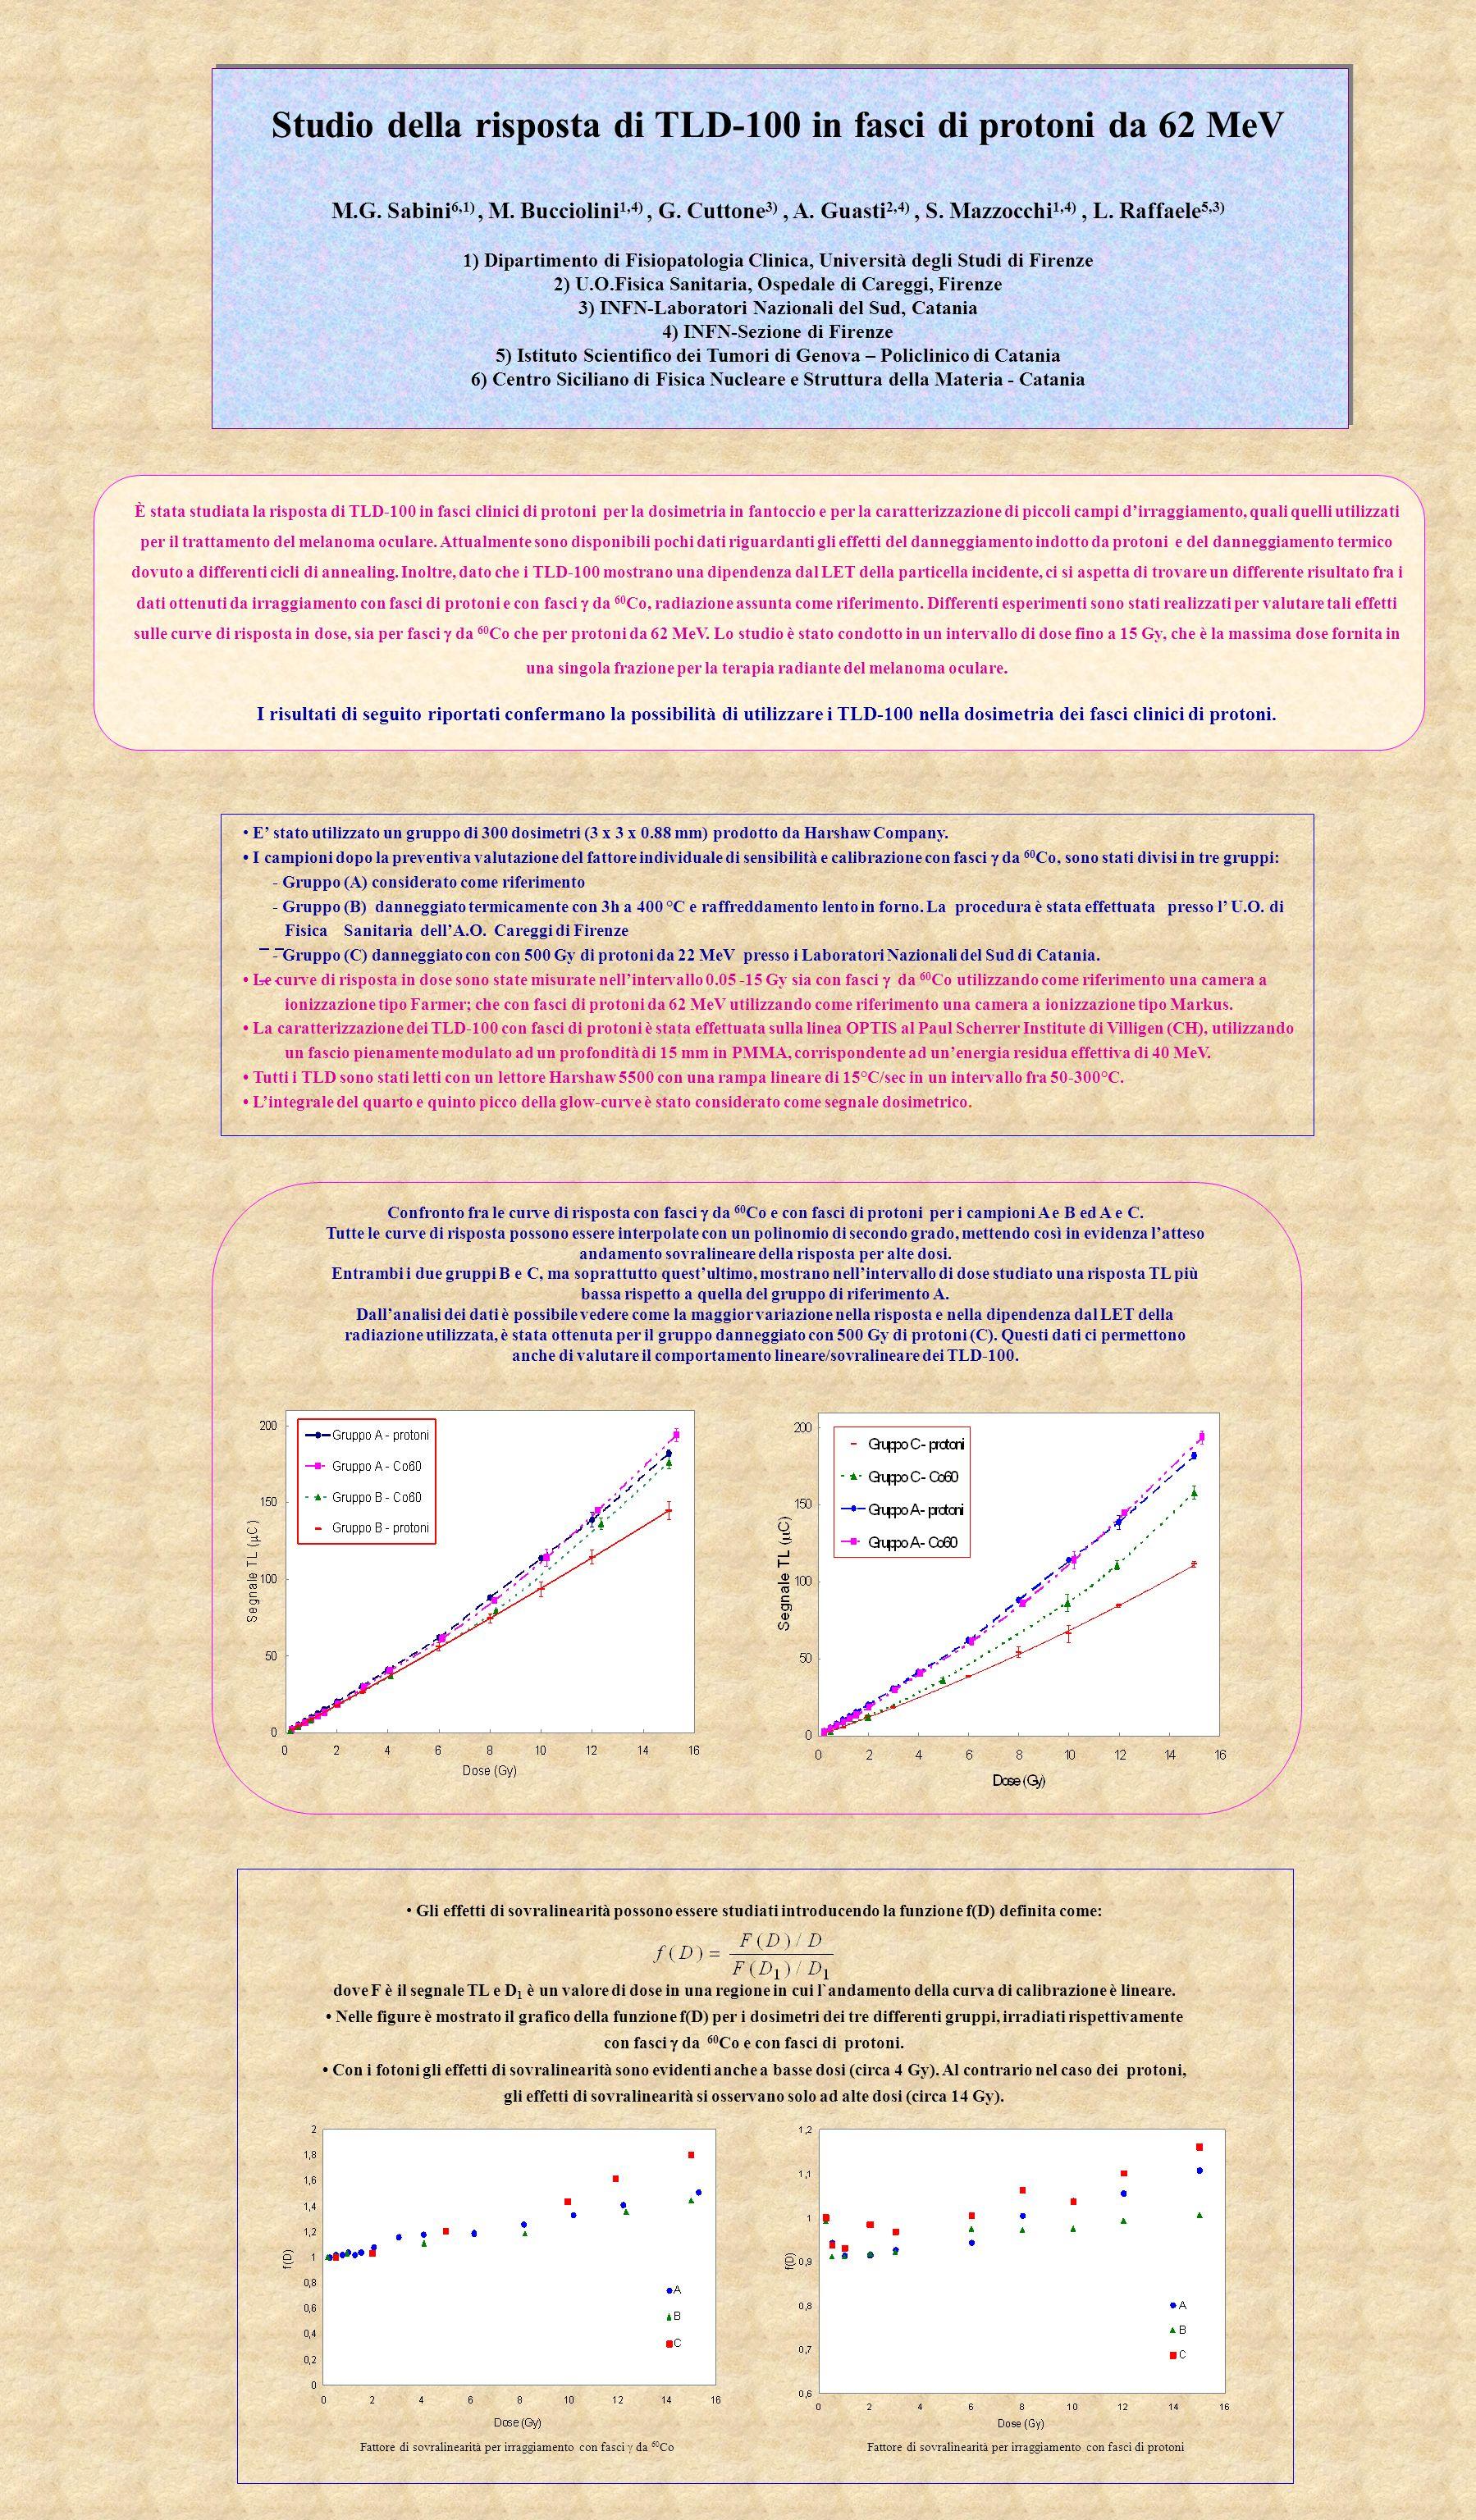 Studio della risposta di TLD-100 in fasci di protoni da 62 MeV